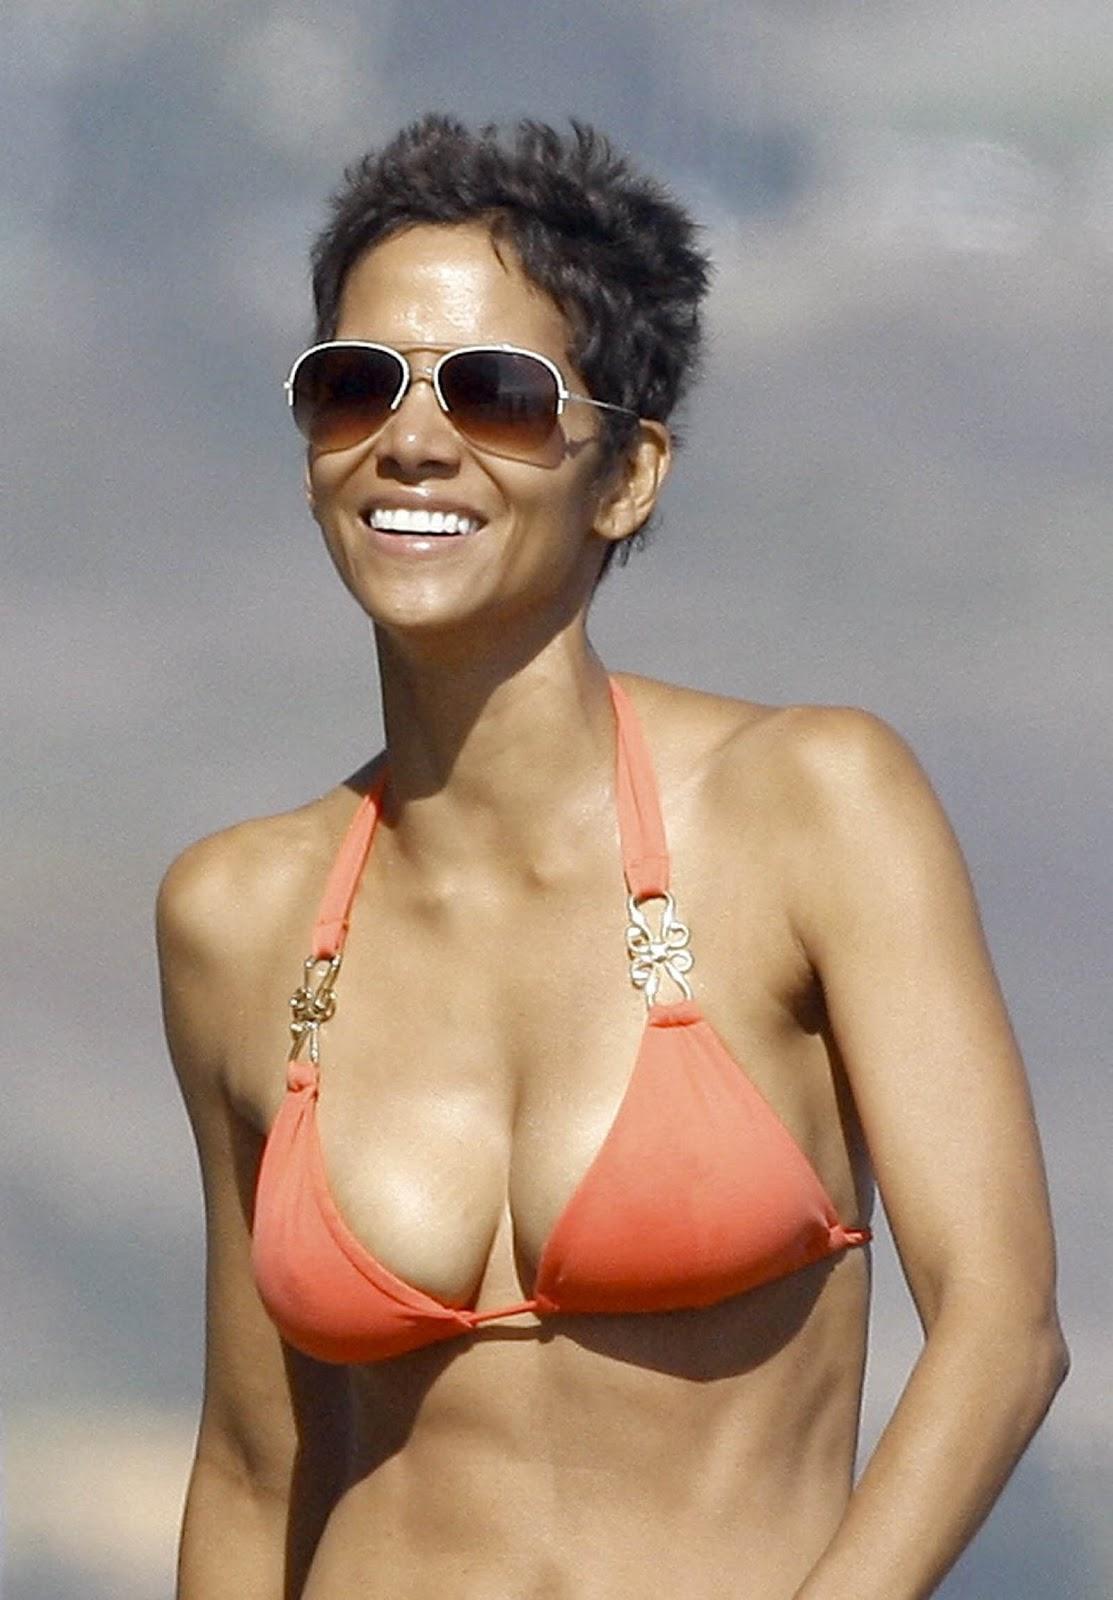 http://3.bp.blogspot.com/-cv2j-PGXyQc/UOR41-jijAI/AAAAAAAABTE/_q72KuKbXUM/s1600/Halle-Berry_bikini_candids8.jpg